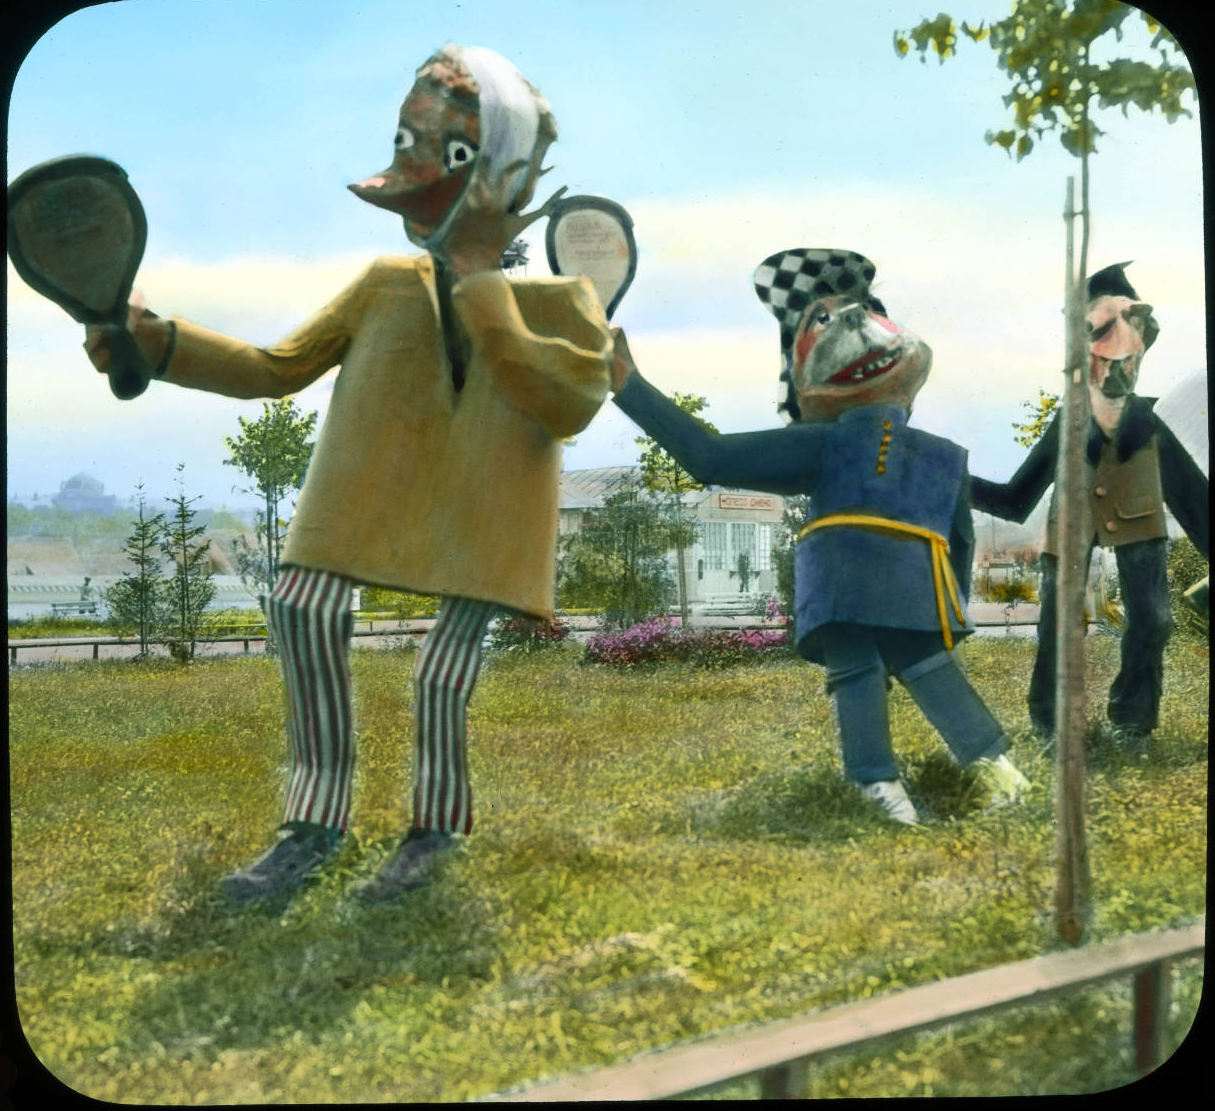 Парк культуры и отдыха (ЦПКиО). Алегорические чучела